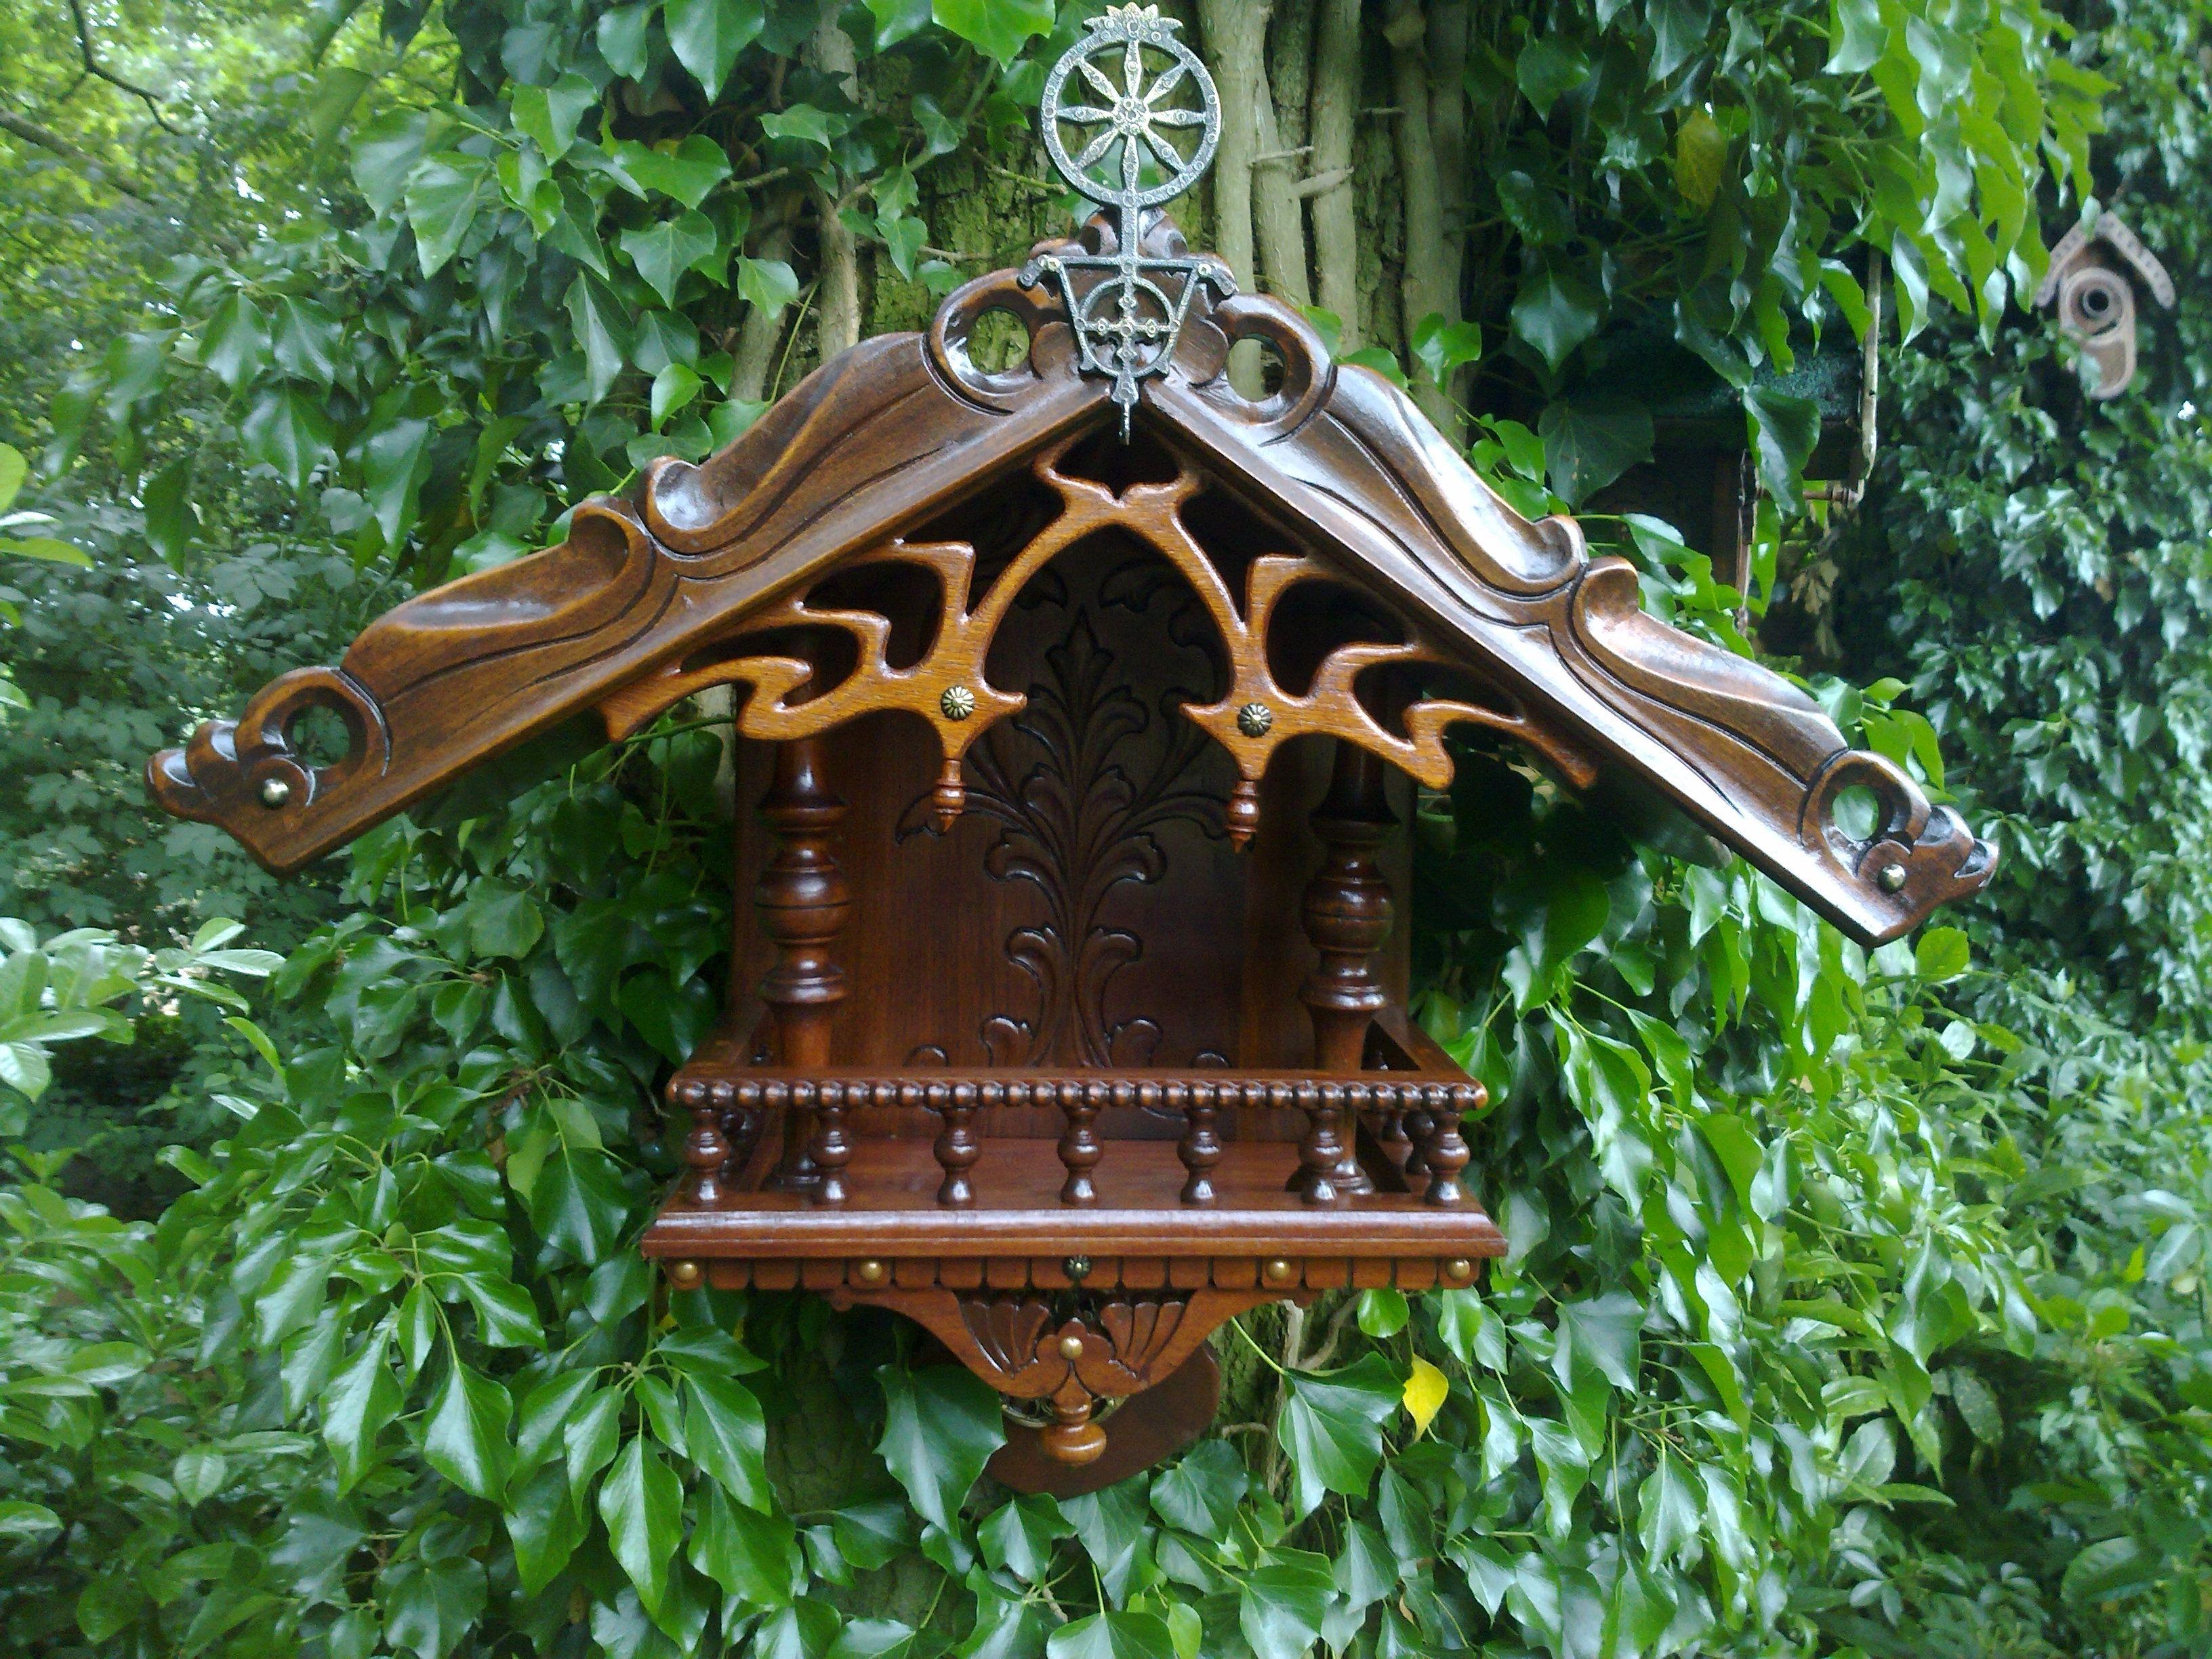 birdfeeder with antique items